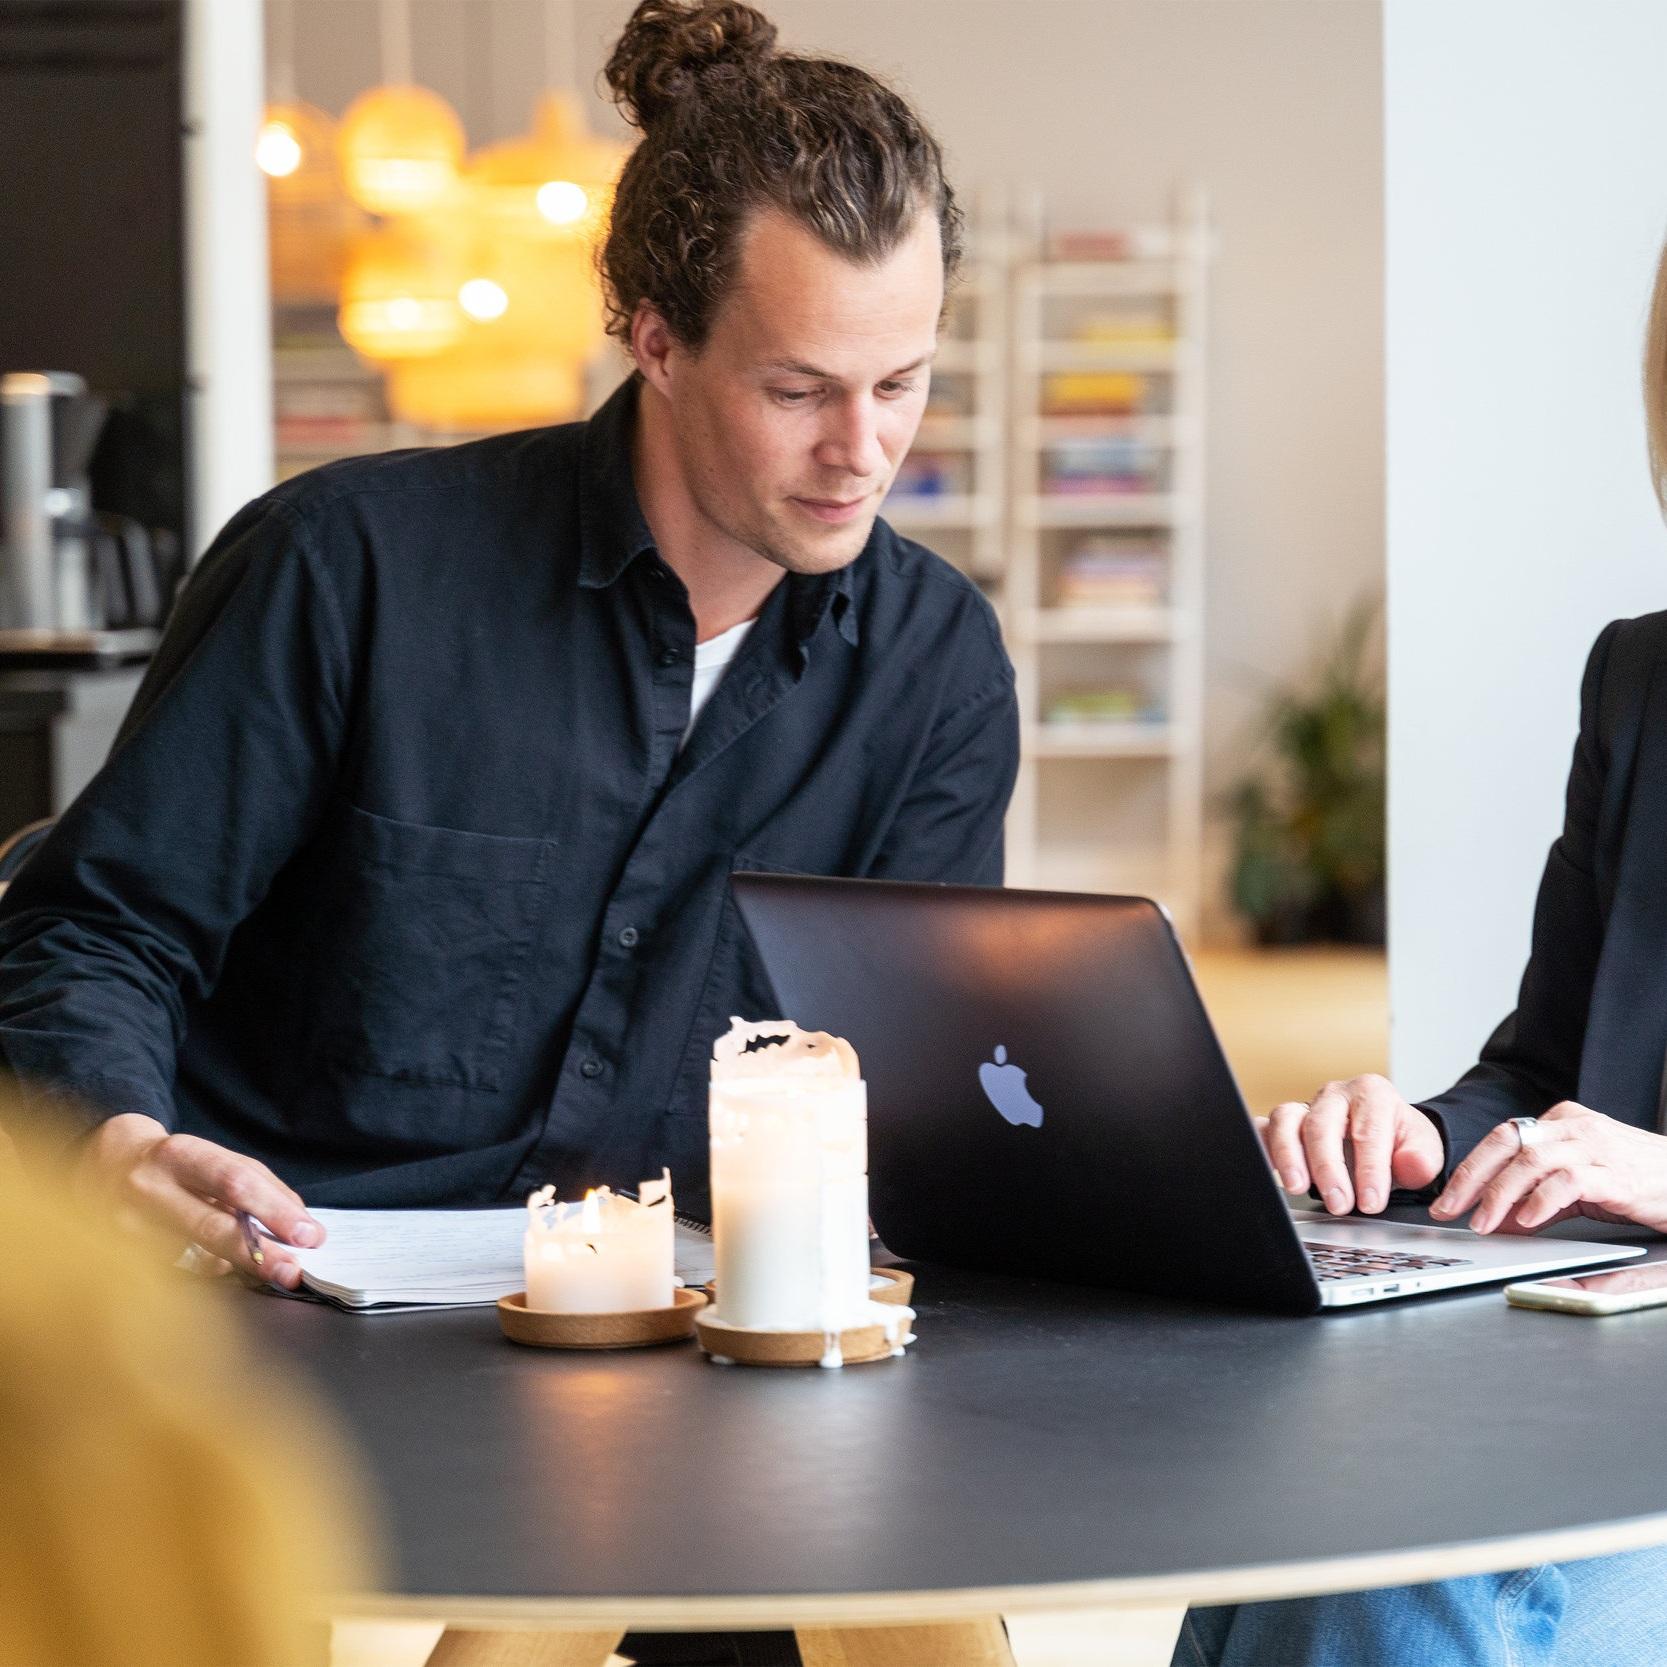 Rekruttering - Nye og Kloke Hoder har over 20 års erfaring med å finne flinke folk, og rekrutterer i dag til stillinger innen design, teknologi, kreative og kommersielle næringer.